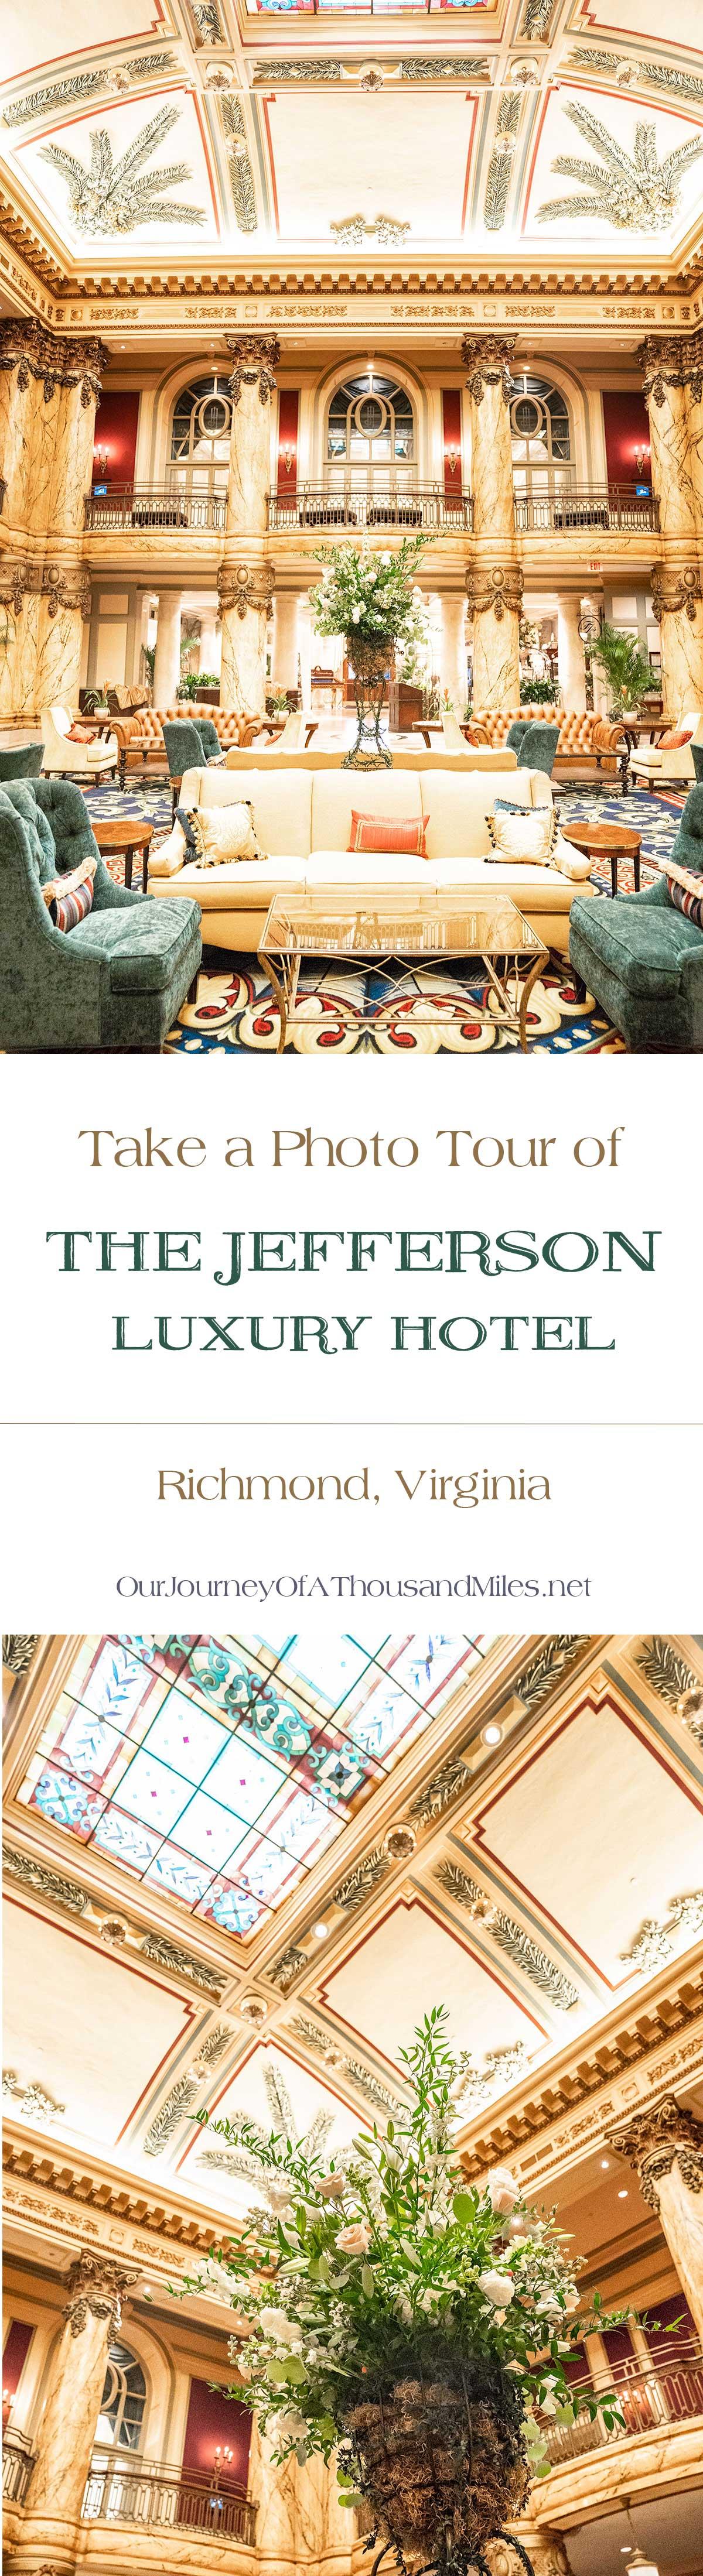 Take-A-Photo-Tour-of-The-Jefferson-Luxury-Hotel-Richmond-Virginia